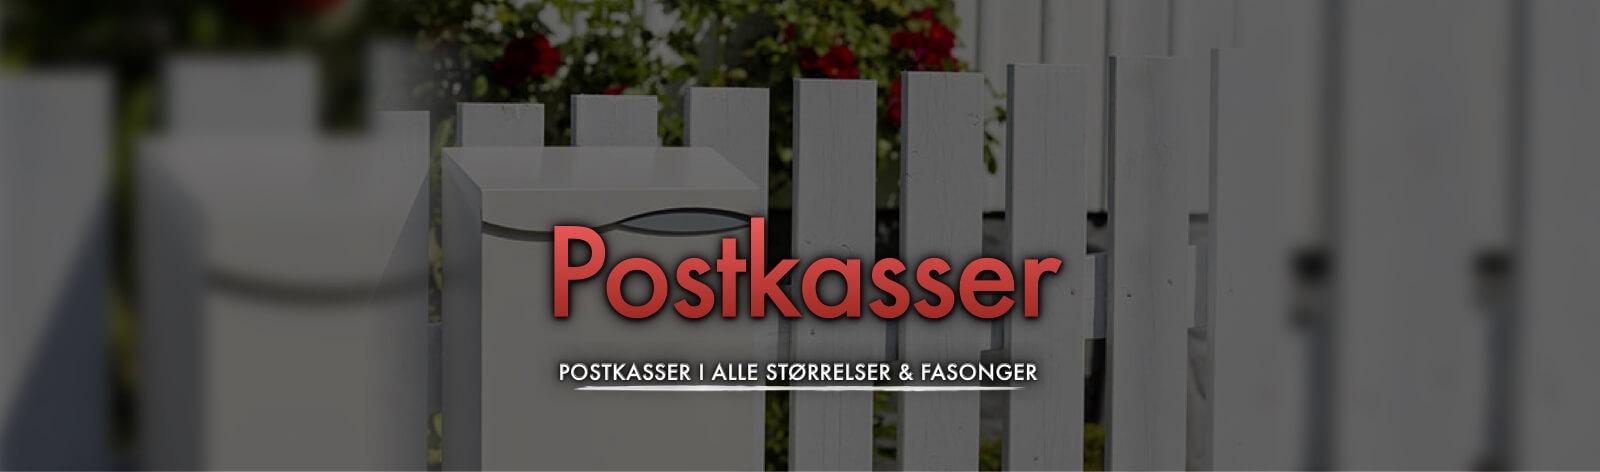 Postkassestativ